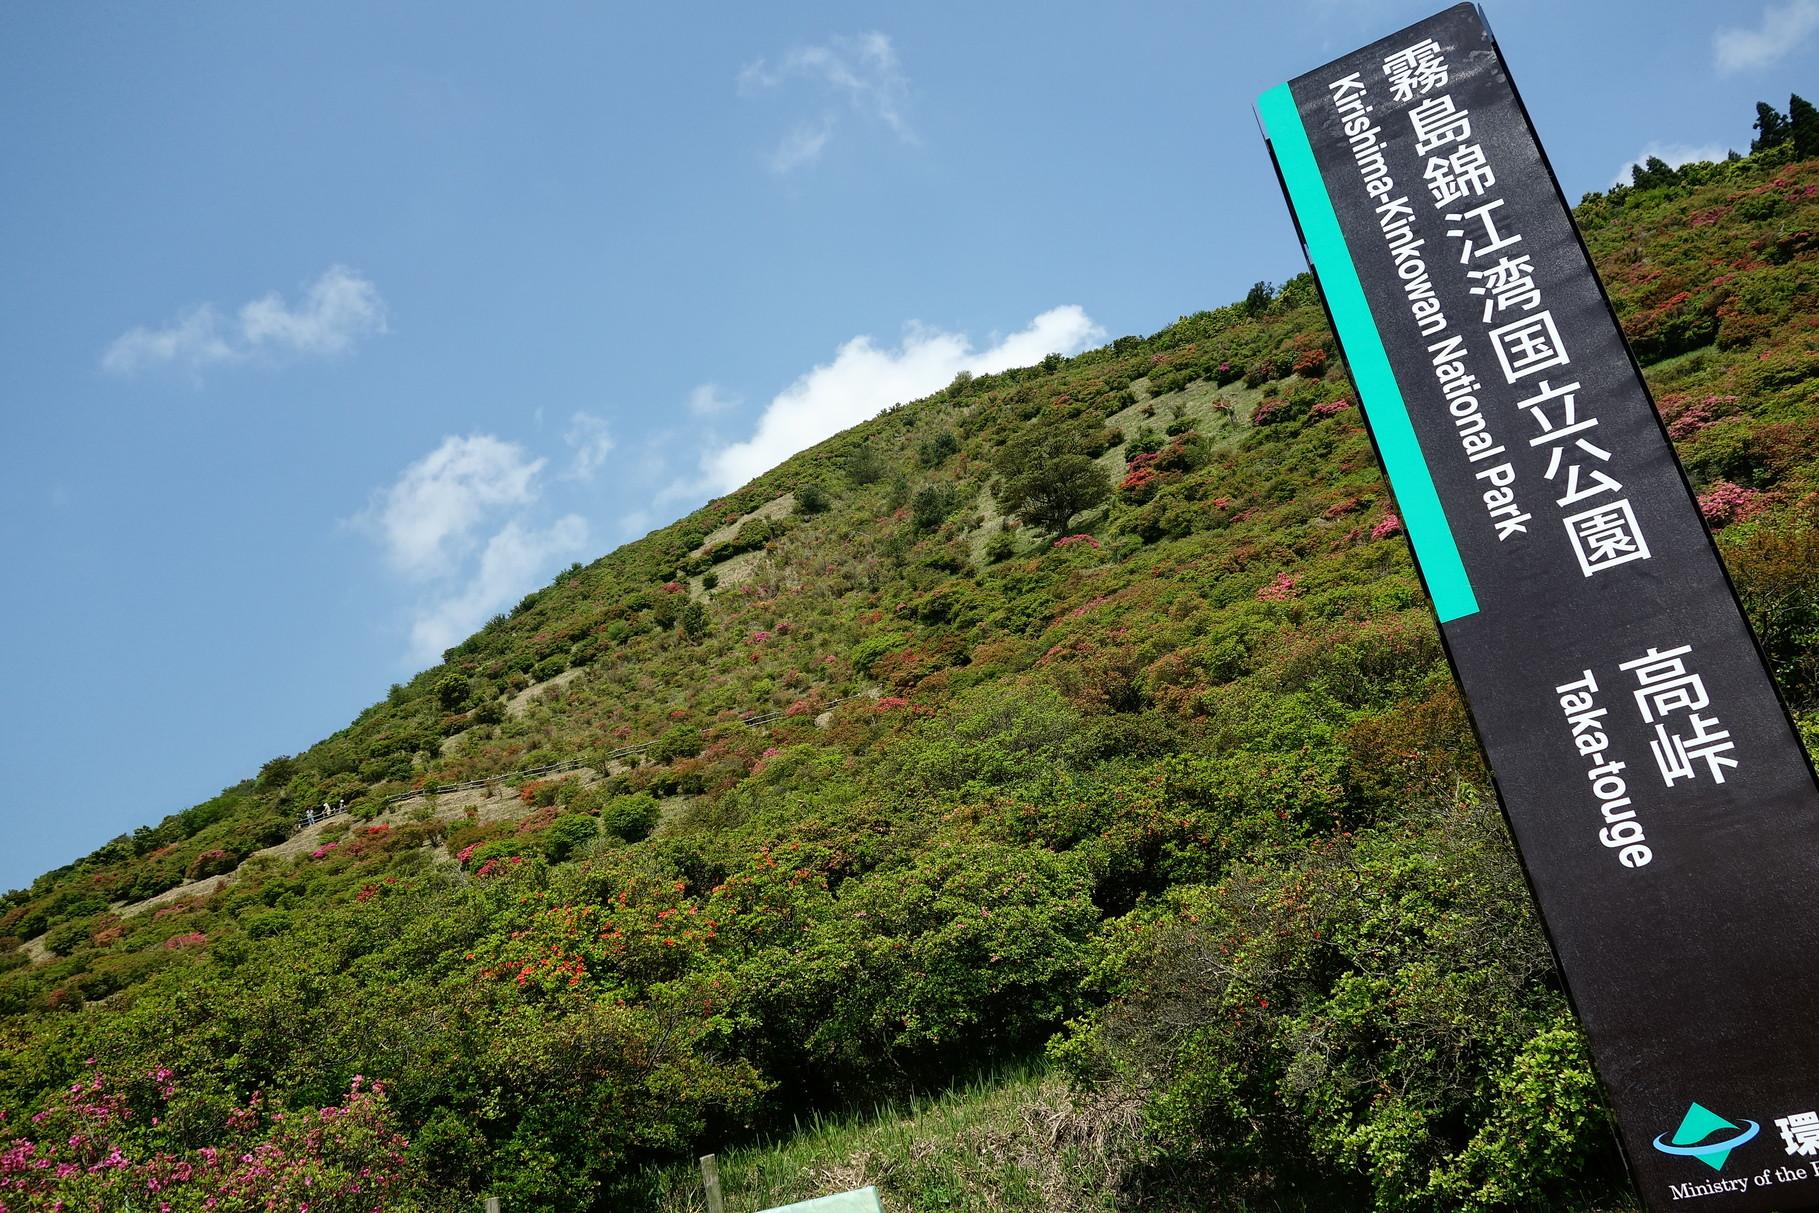 垂水市の「高峠」に出かけてみました 気持ちの良い晴天!